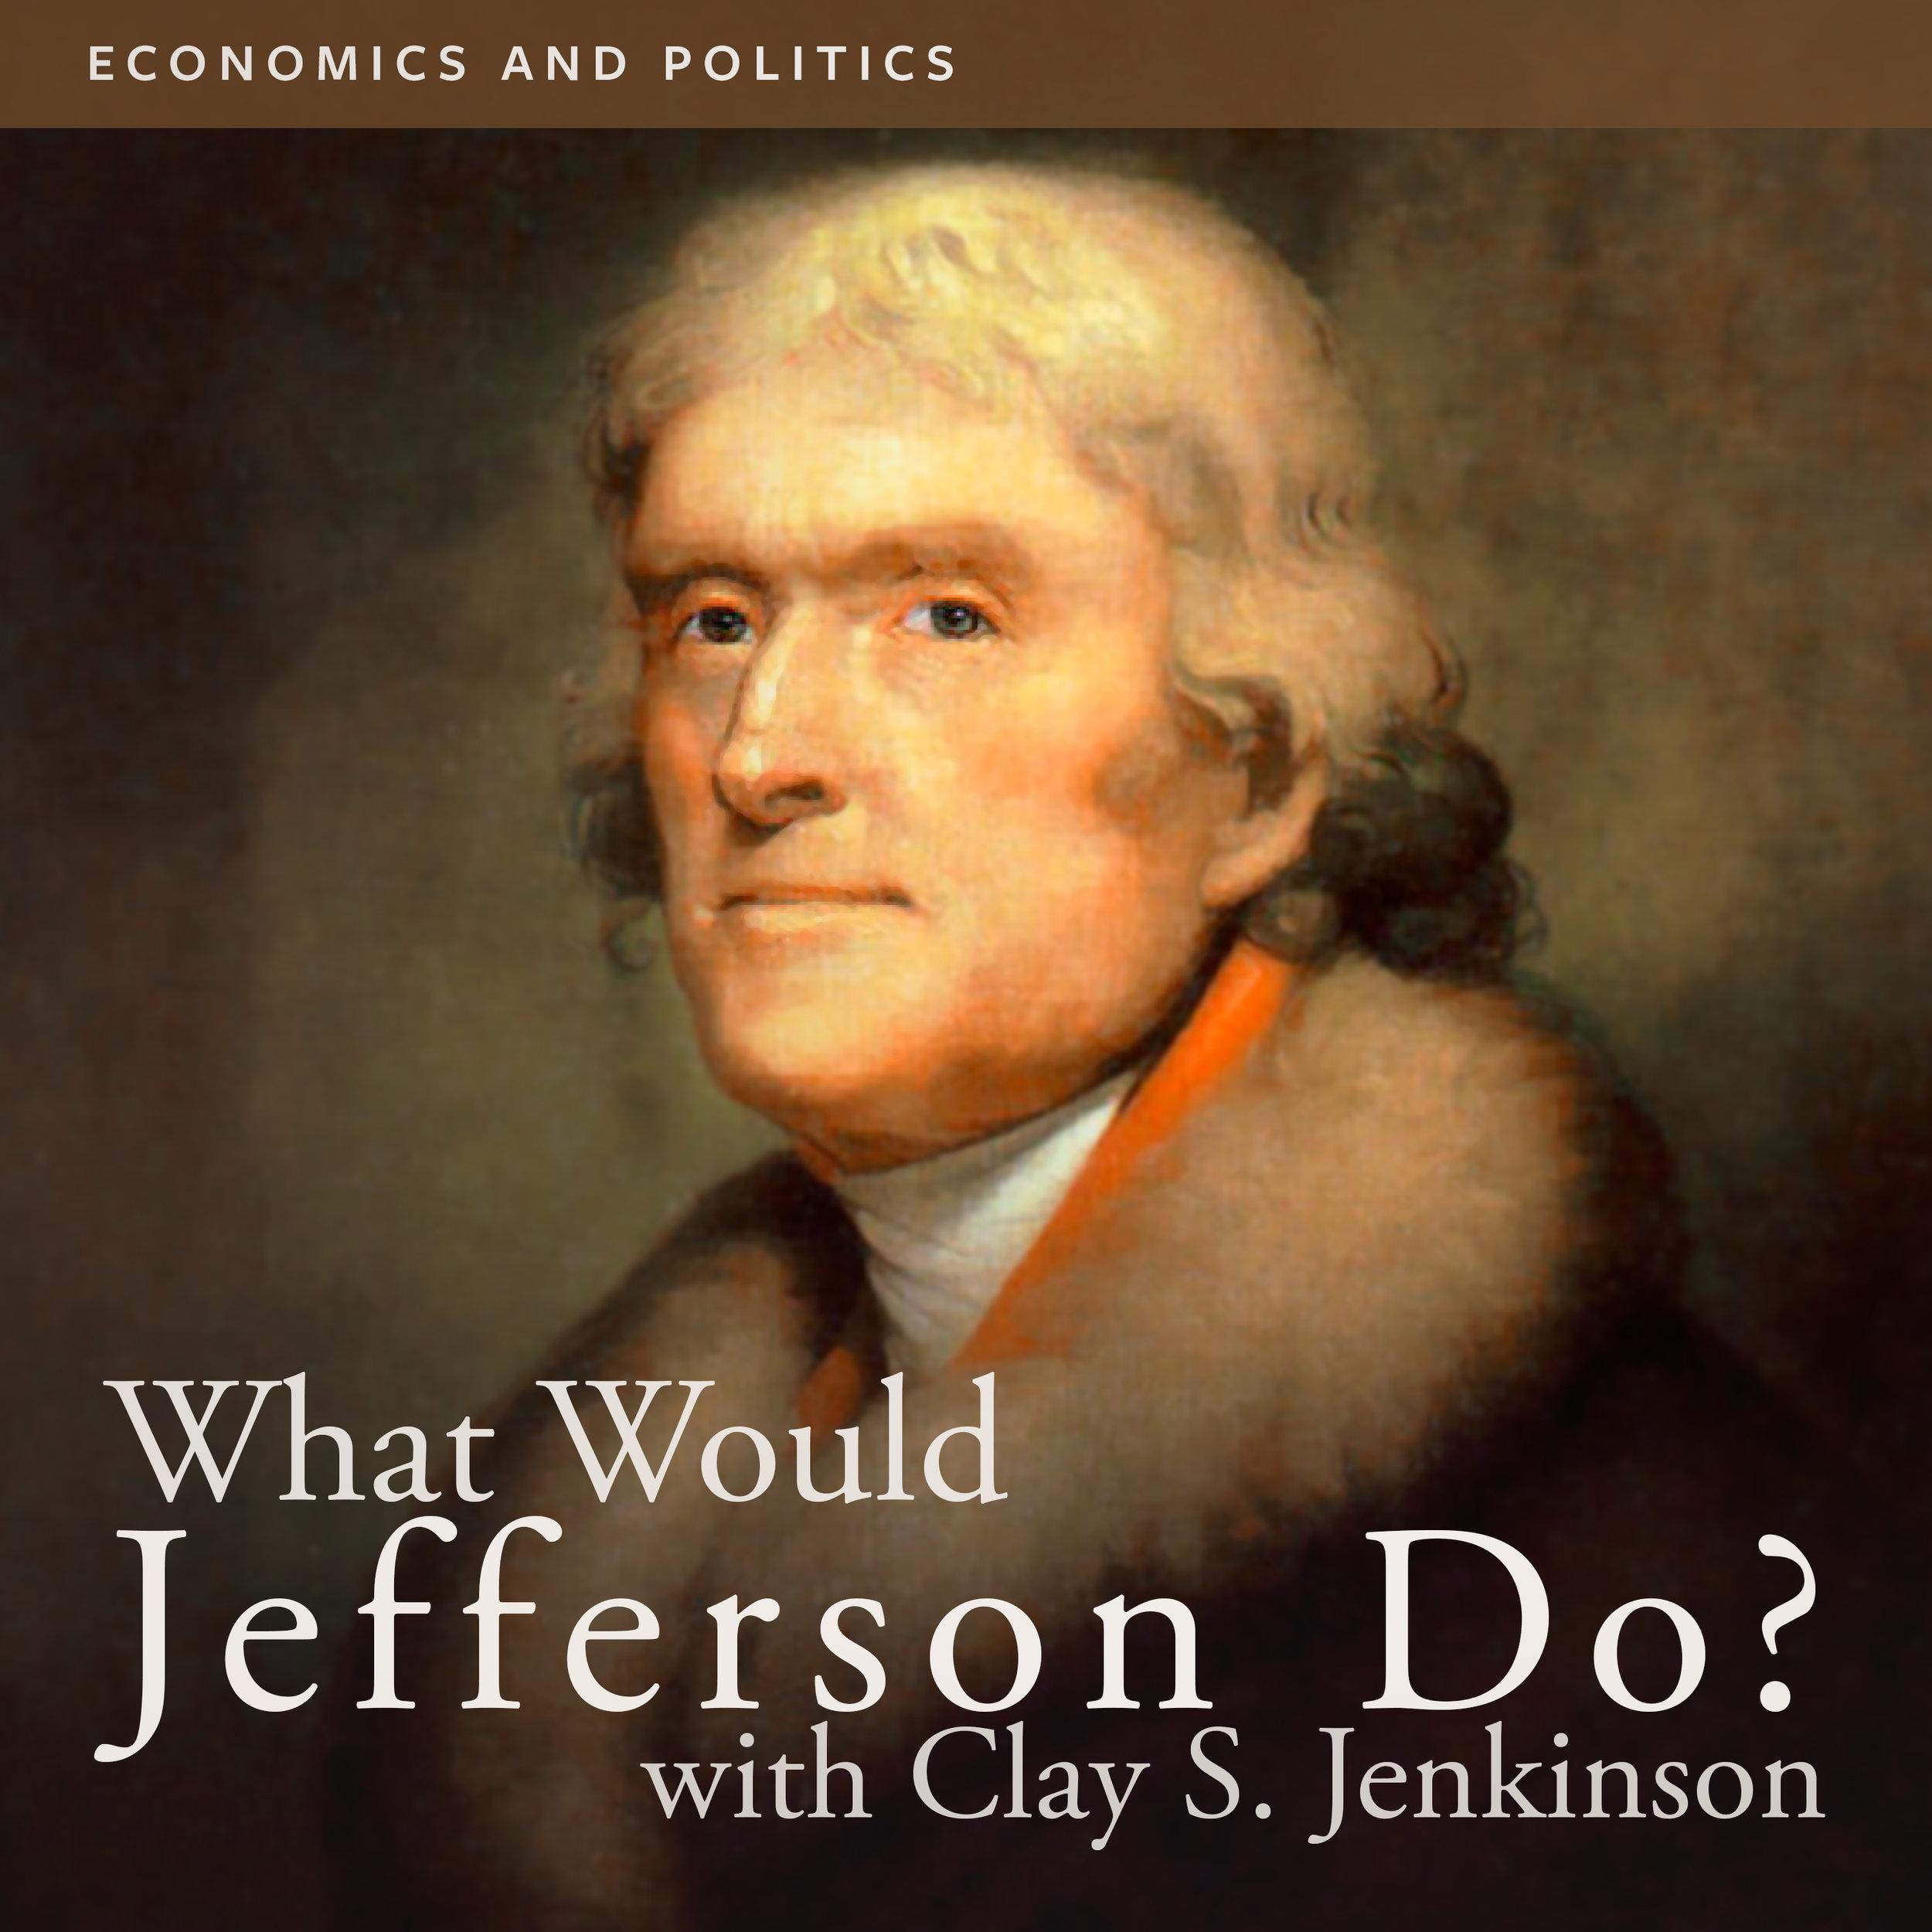 1354 WWTJD Economics and Politics.jpg